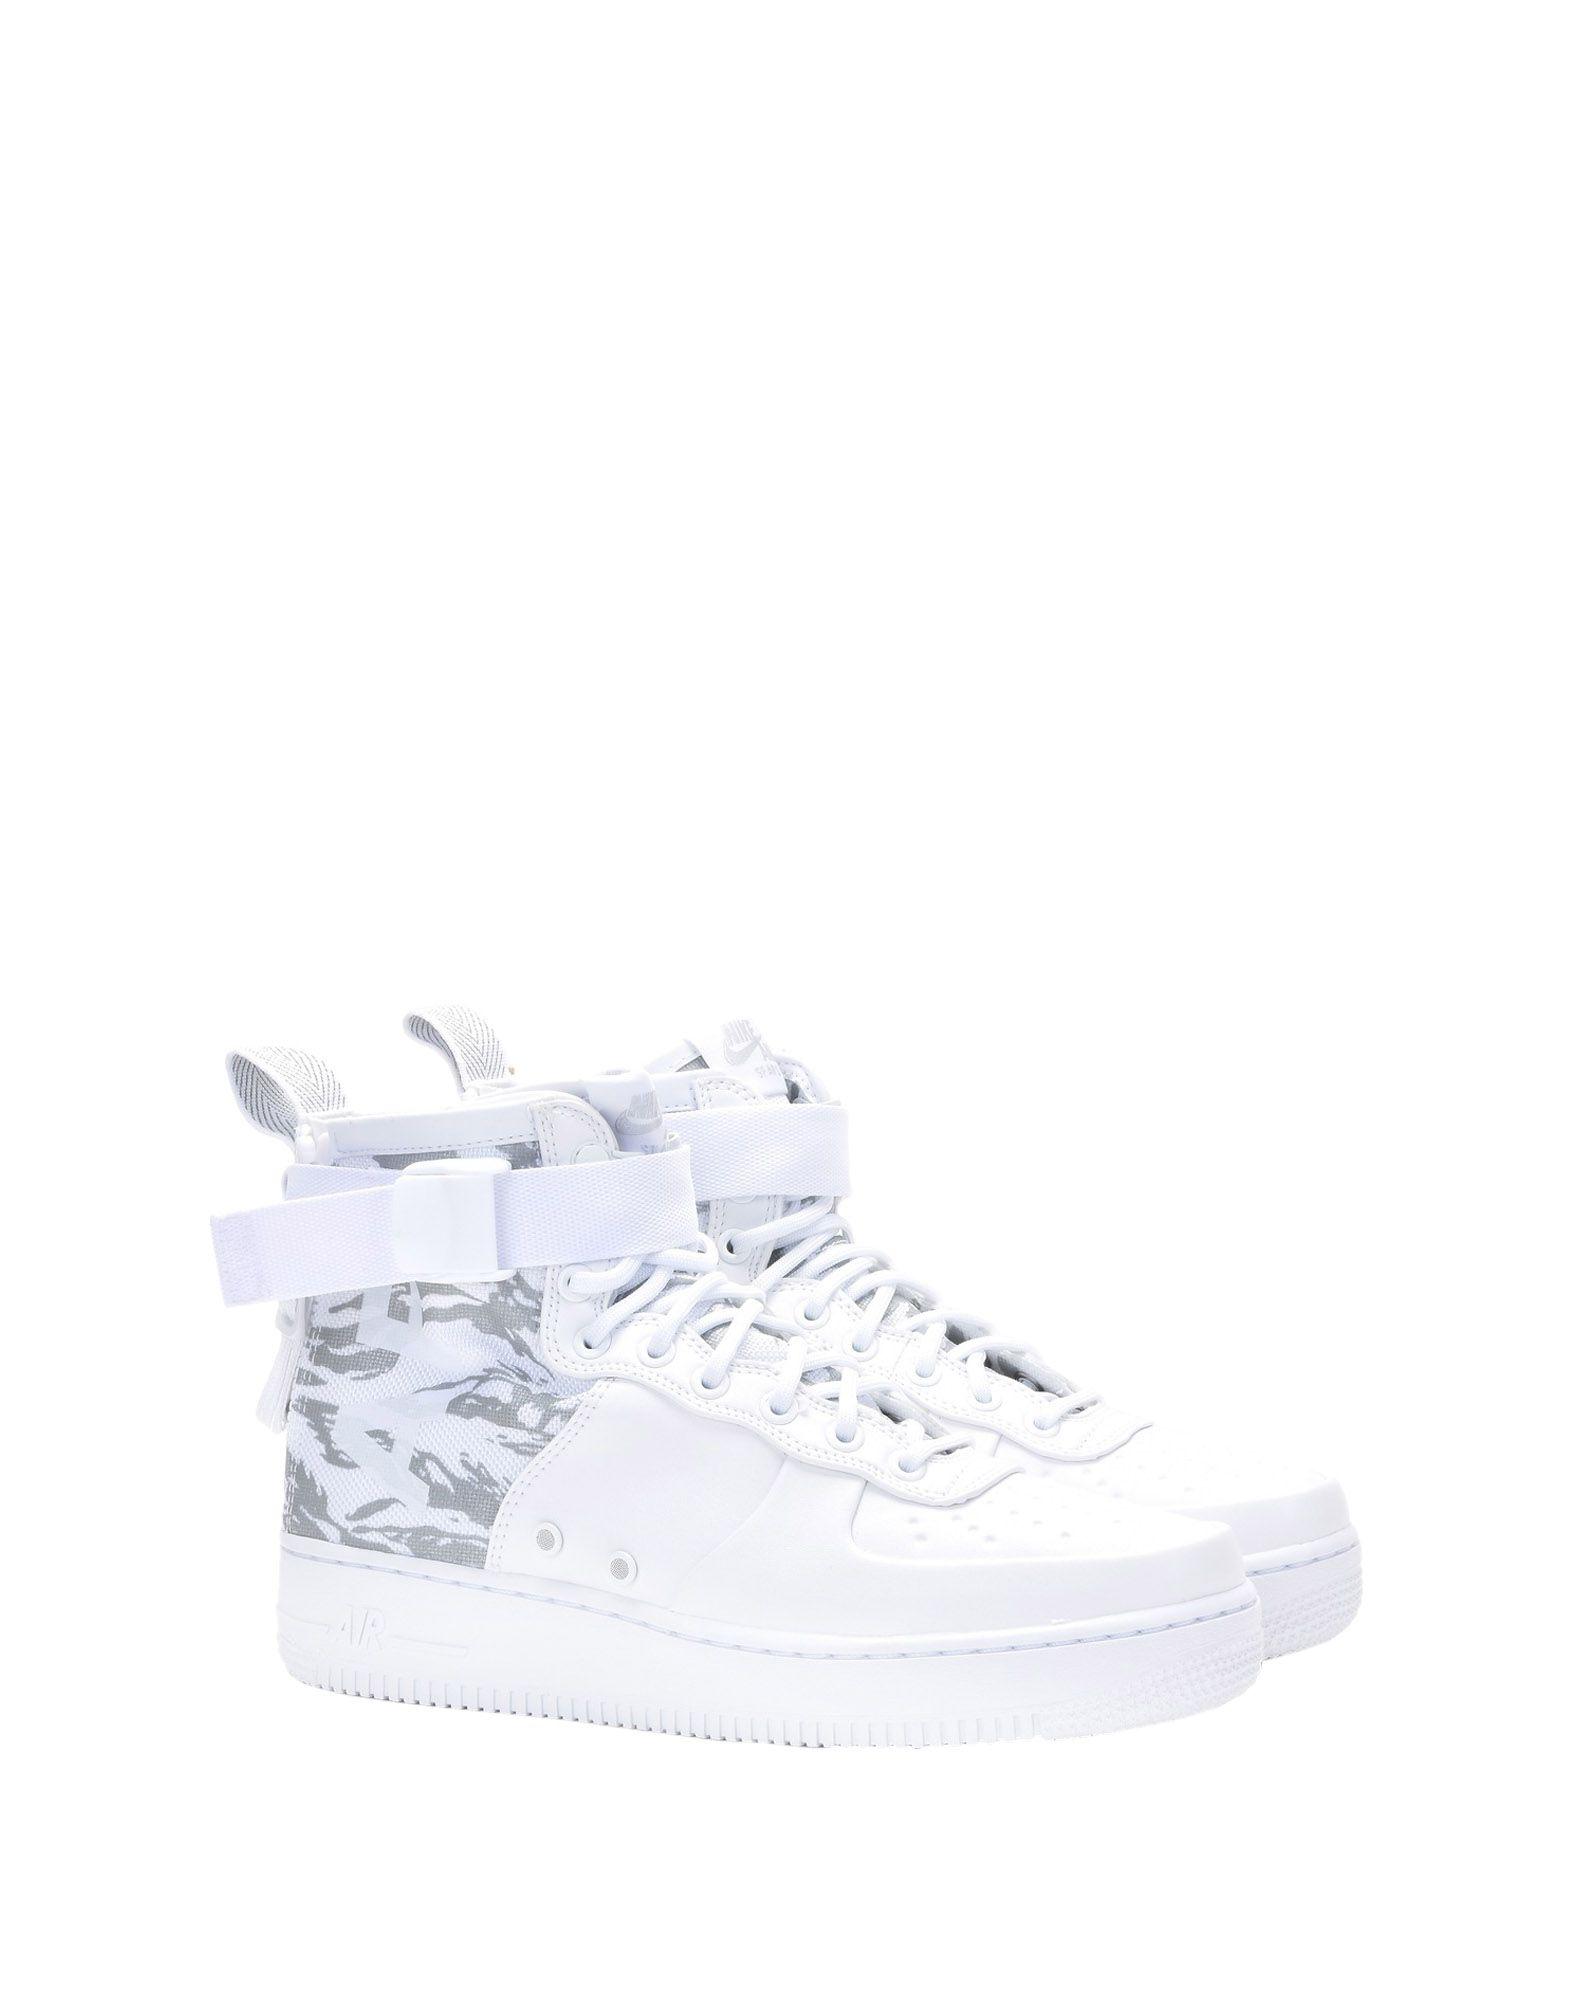 Sneakers Nike Sf Af1 Mid Prm - Femme - Sneakers Nike sur